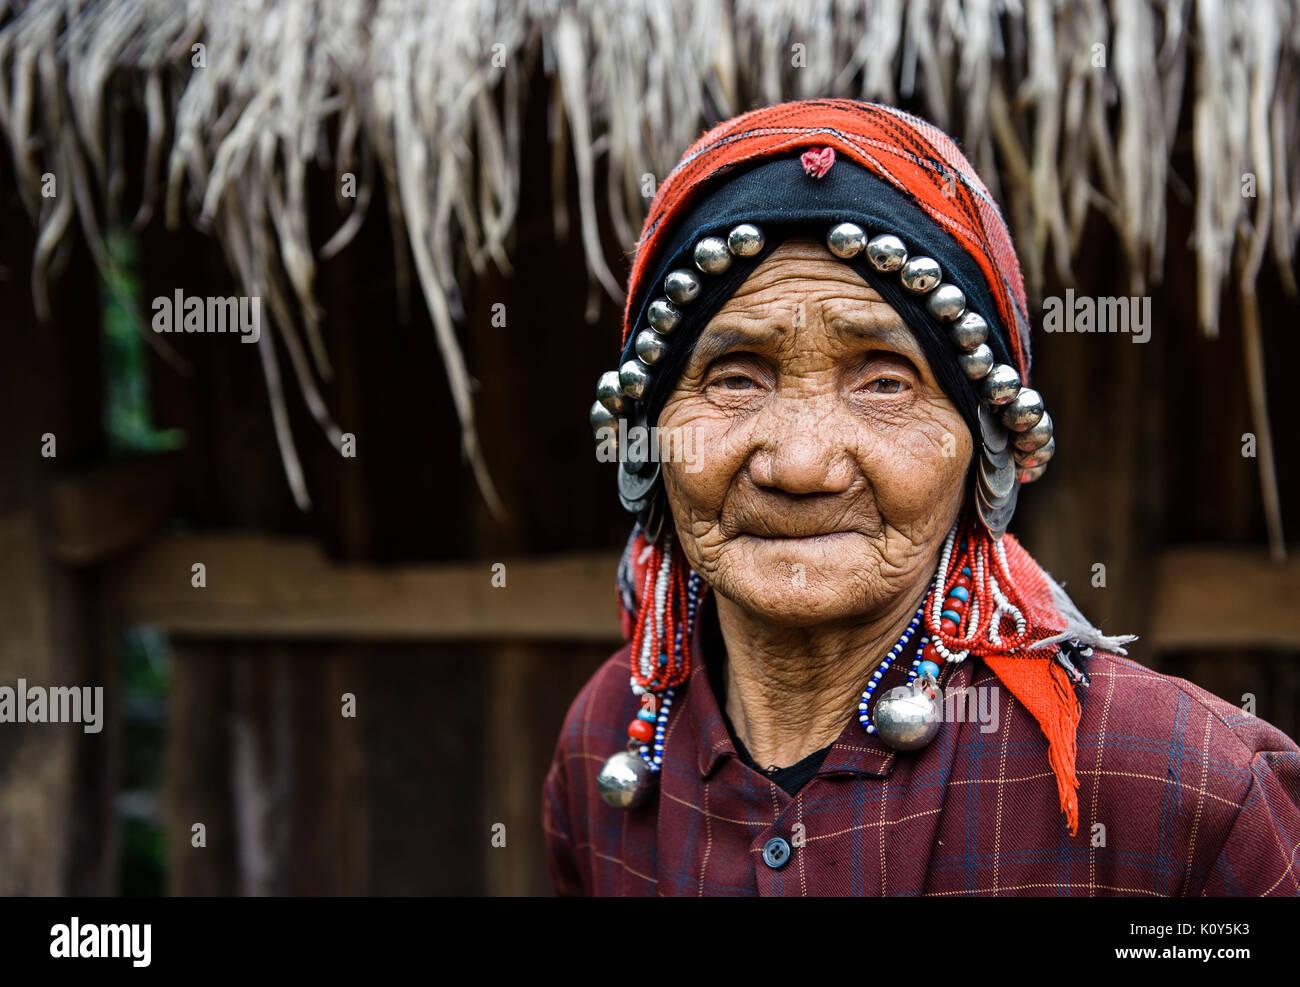 Akk-su ethnic minority woman. Southern Yunnan, China - Stock Image